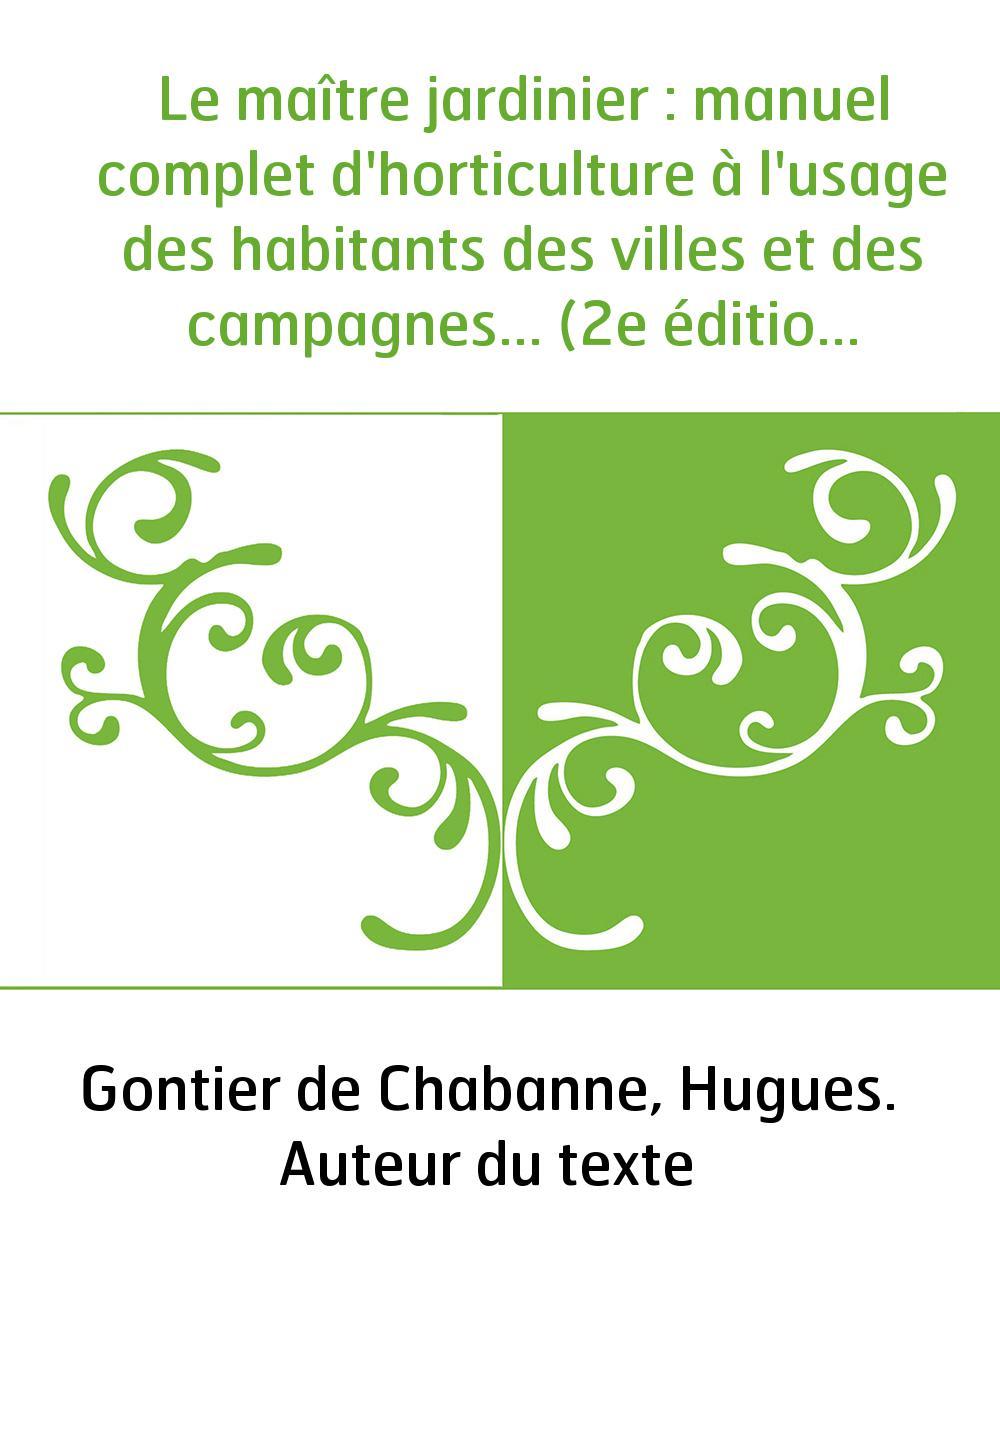 Le maître jardinier : manuel complet d'horticulture à l'usage des habitants des villes et des campagnes... (2e édition) / par Go